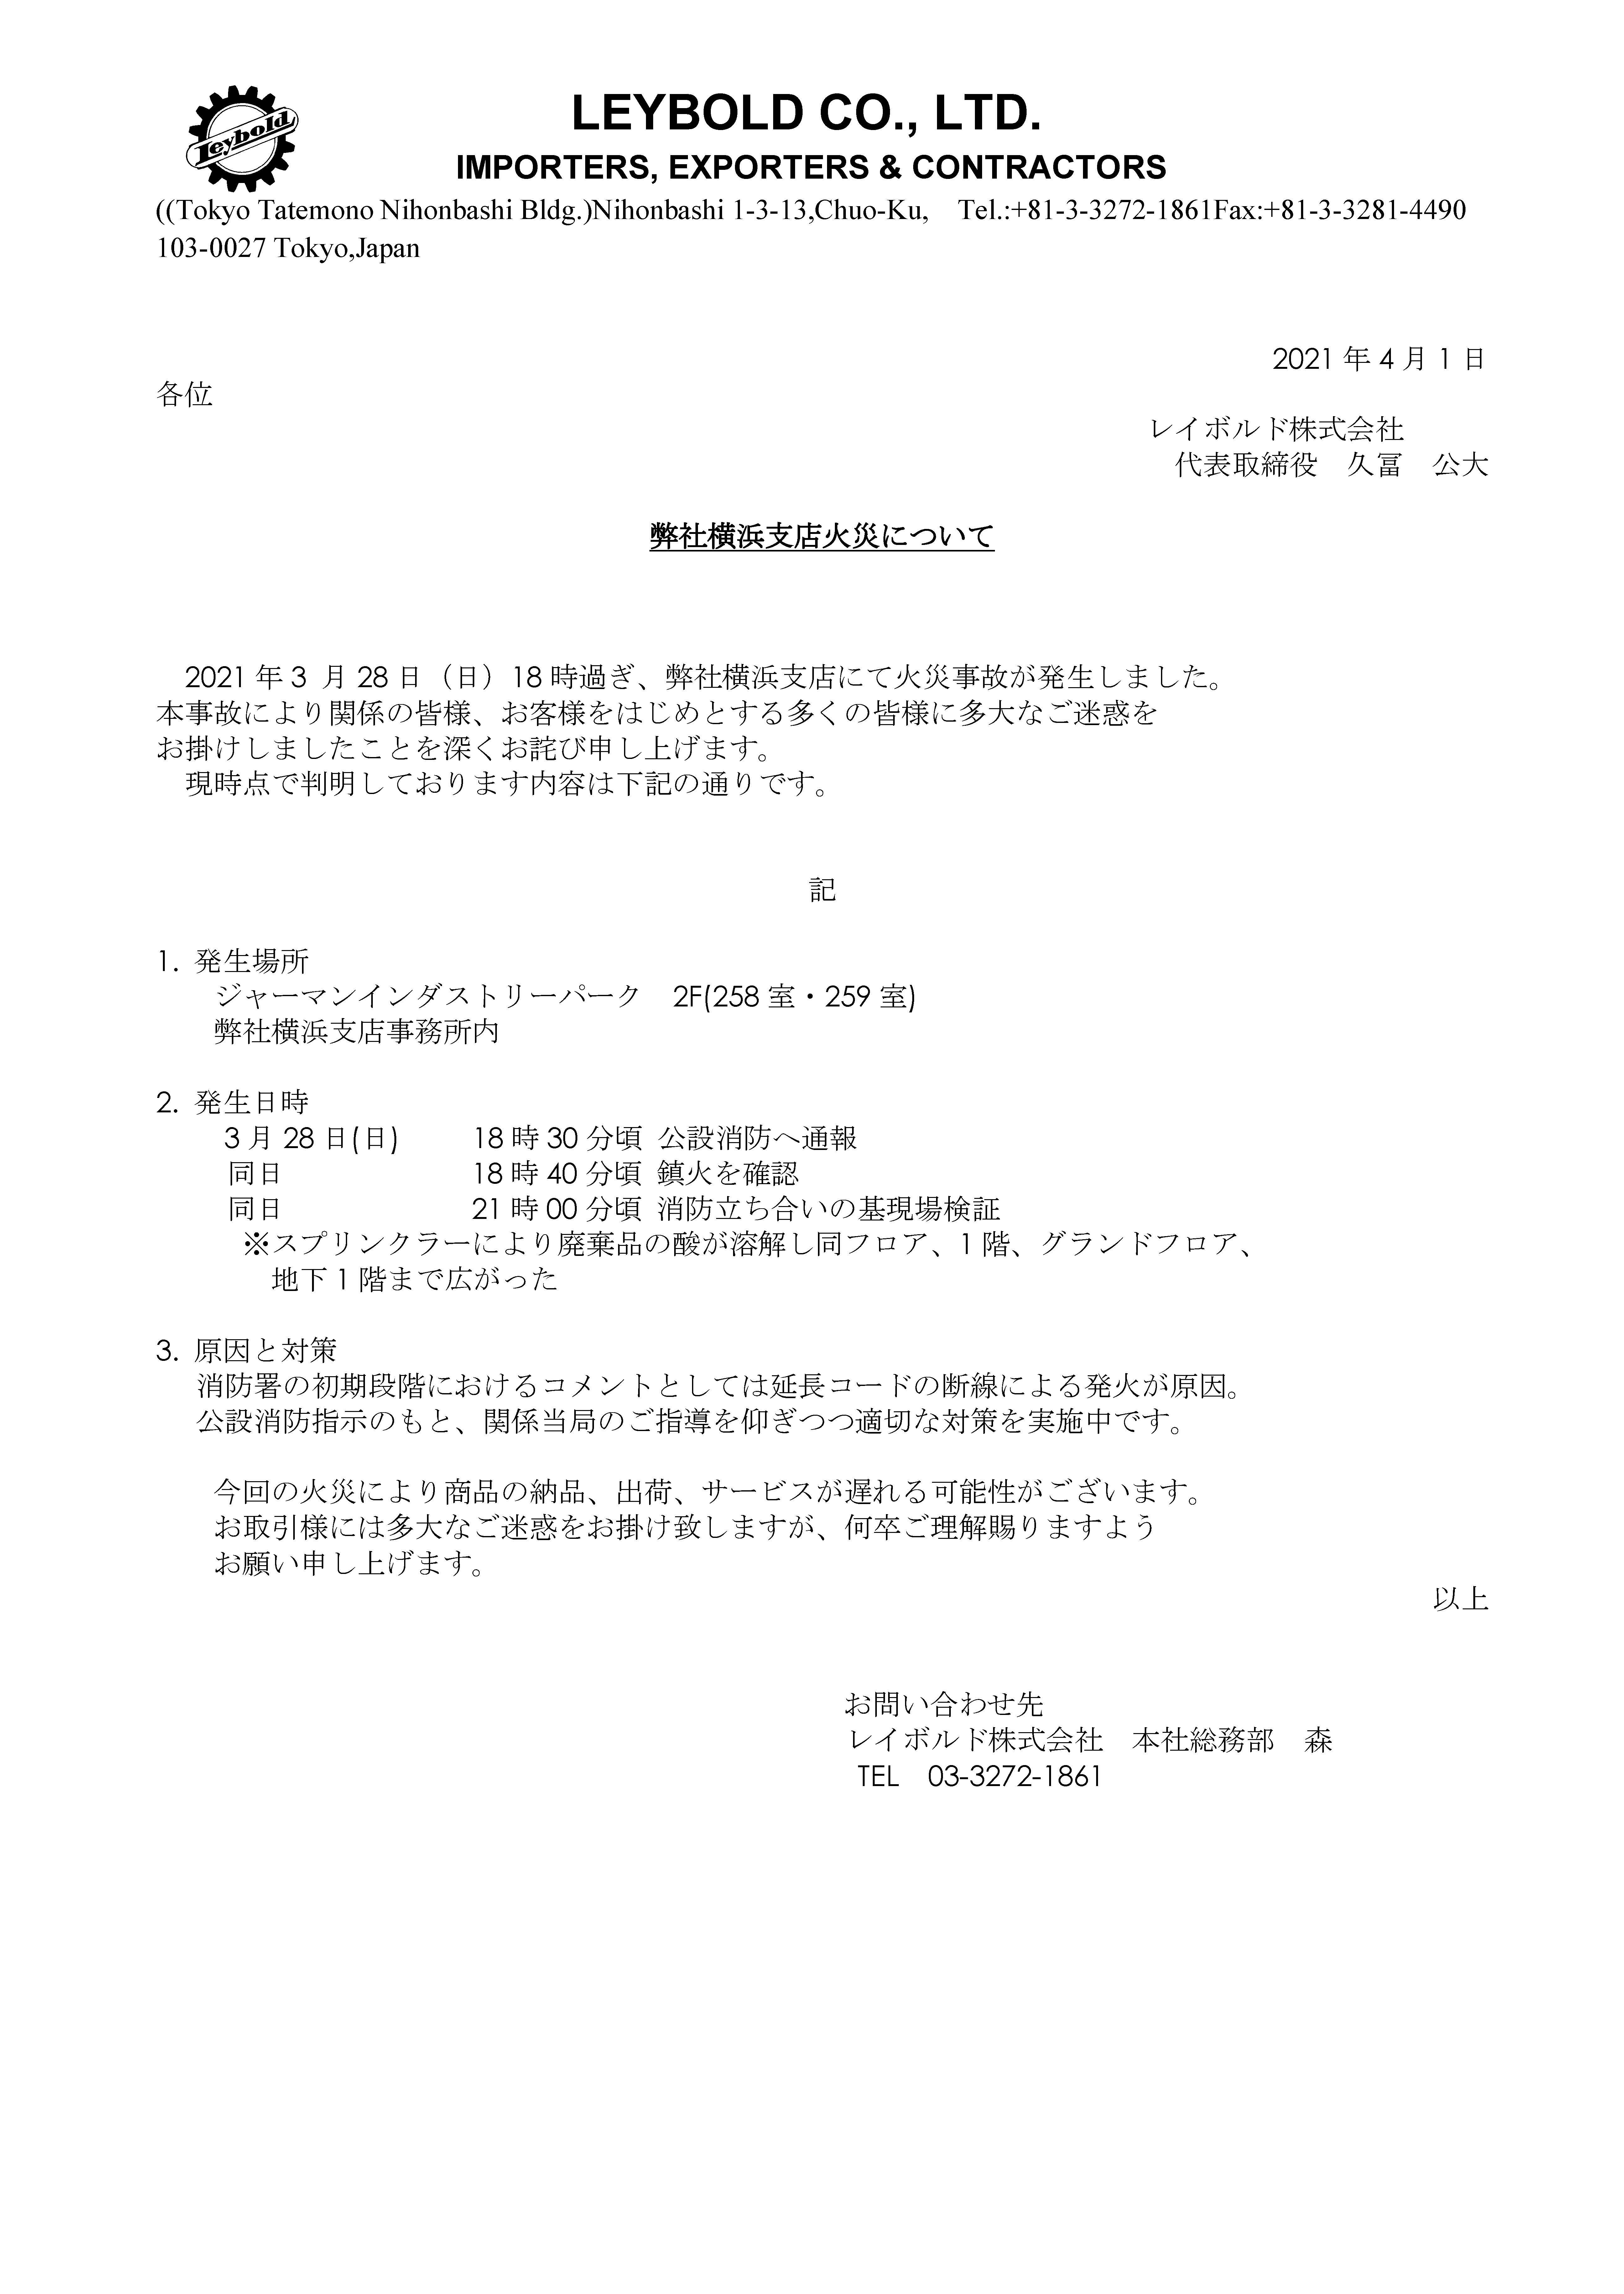 弊社横浜支店火災について